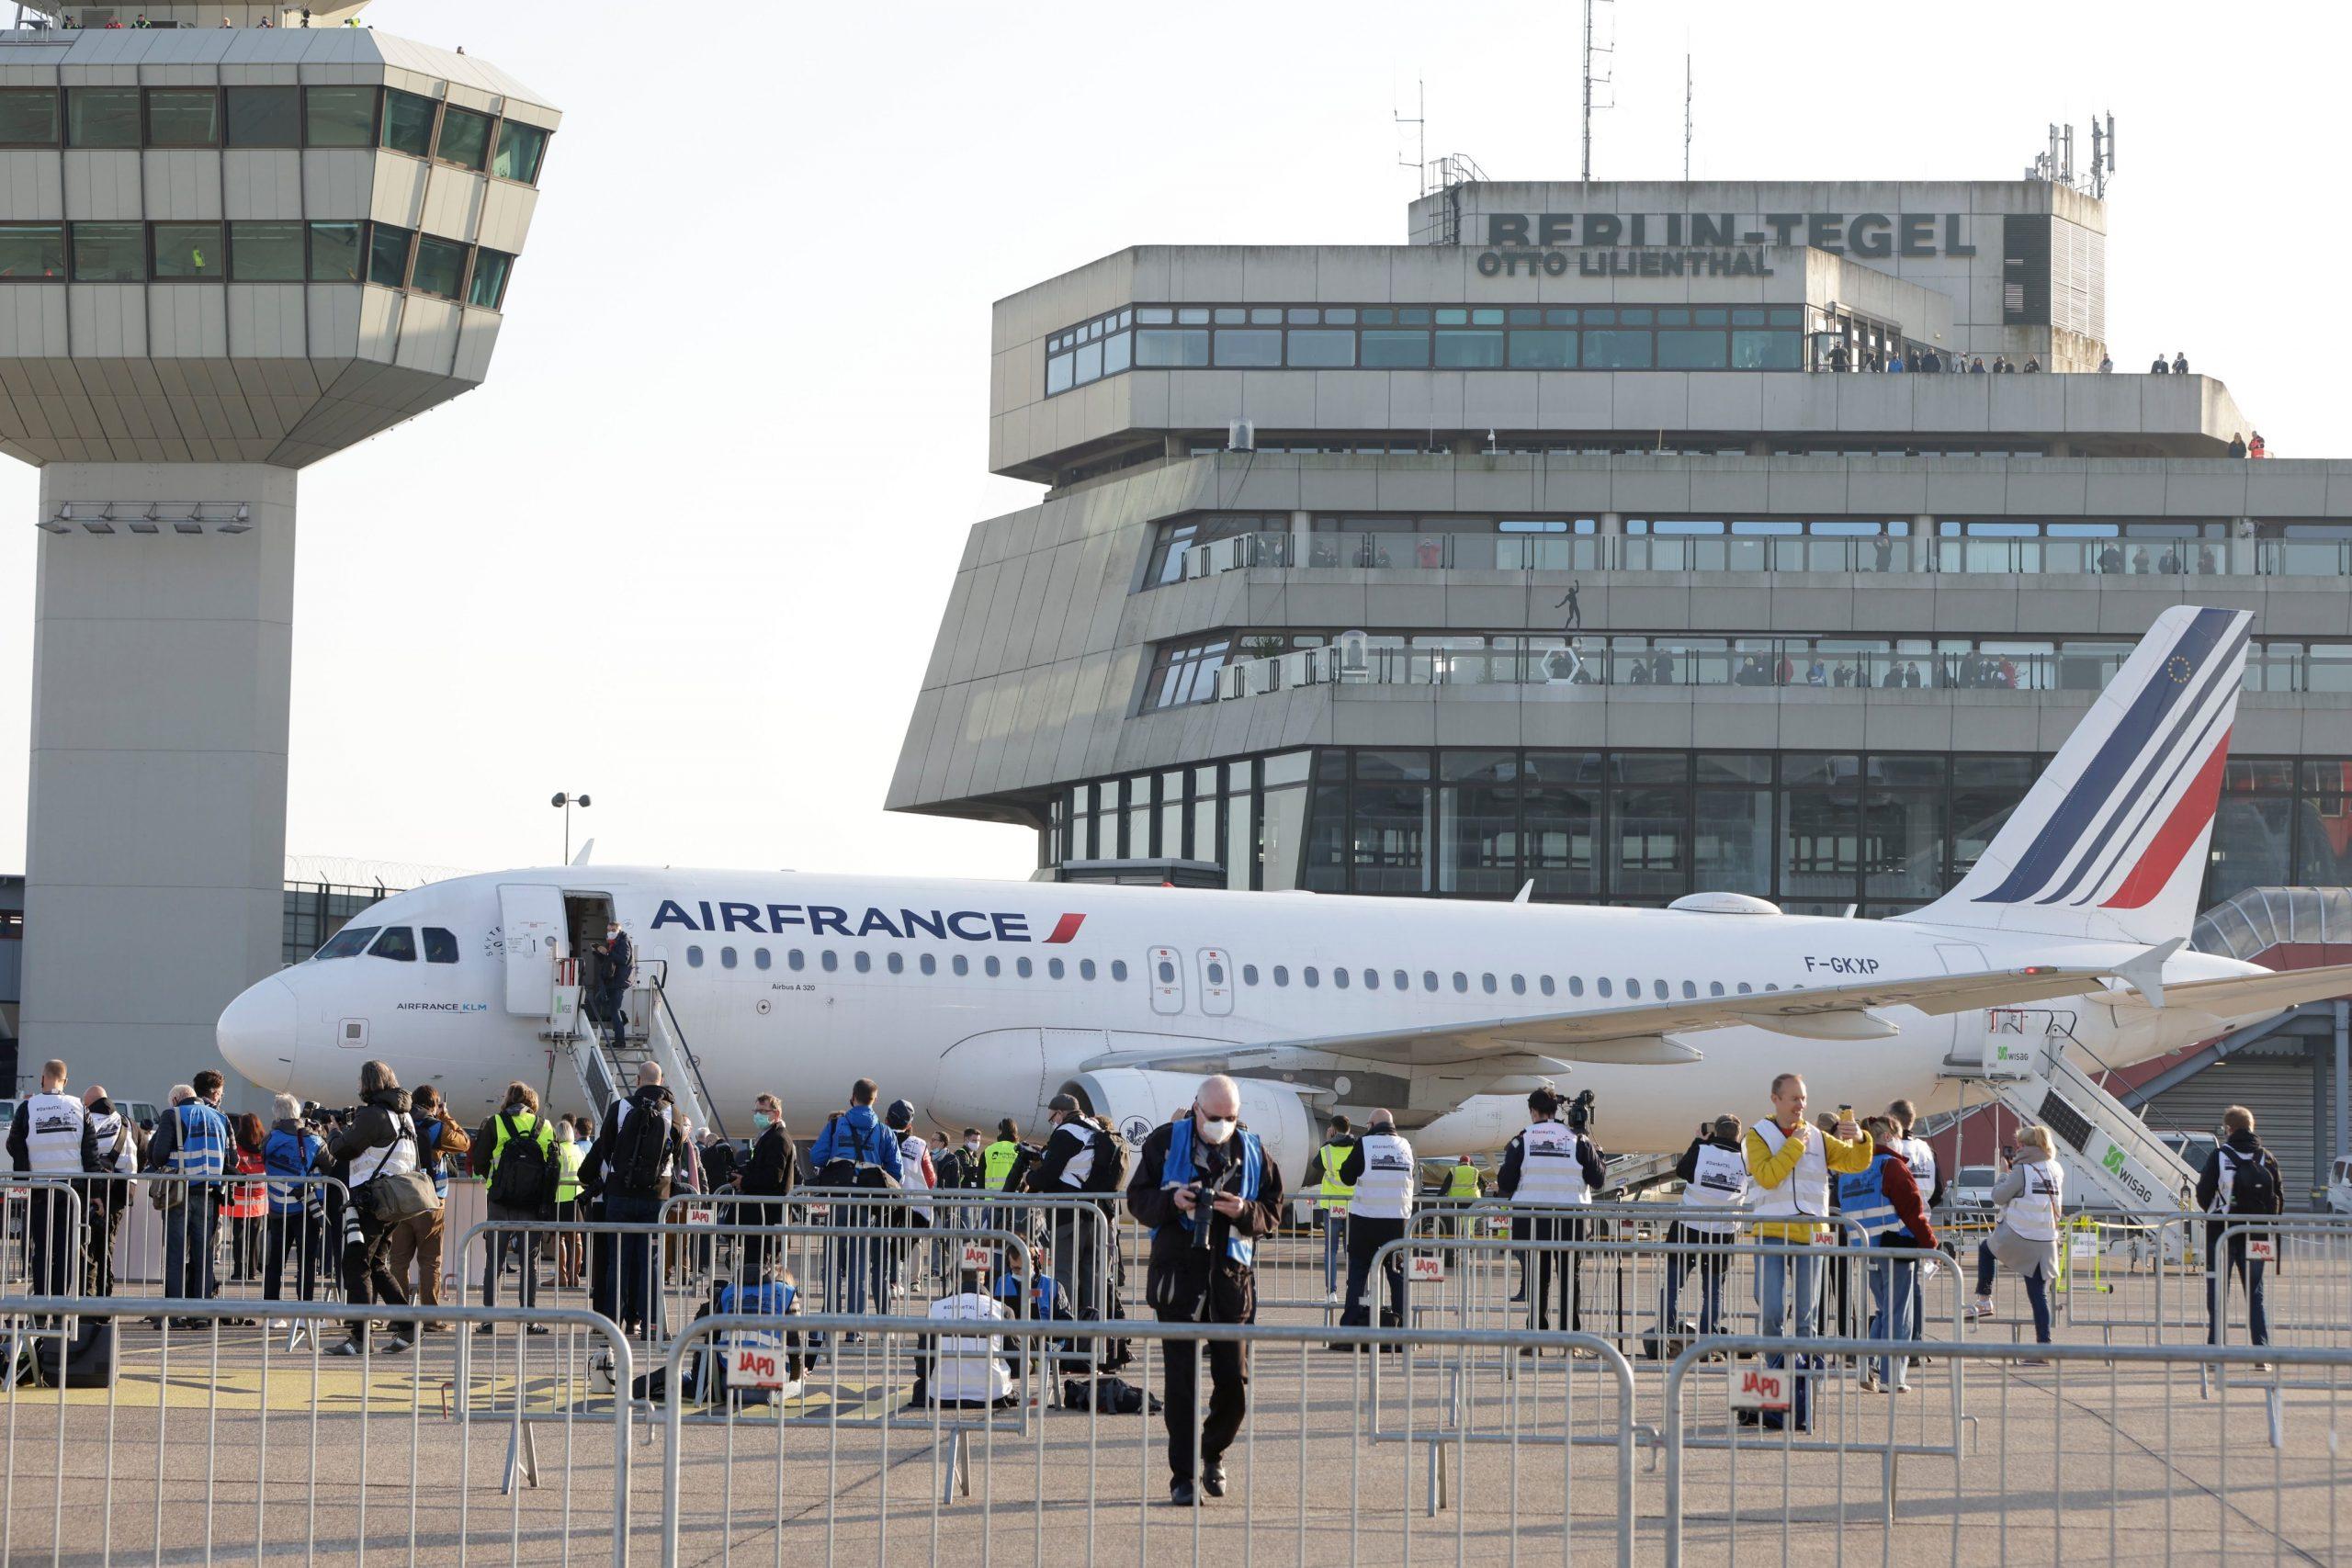 En Airbus A320-200 fra Air France gennemførte den sidste kommercielle flyvning fra Berlin Tegel Airport. (Foto: Berlin Airports)